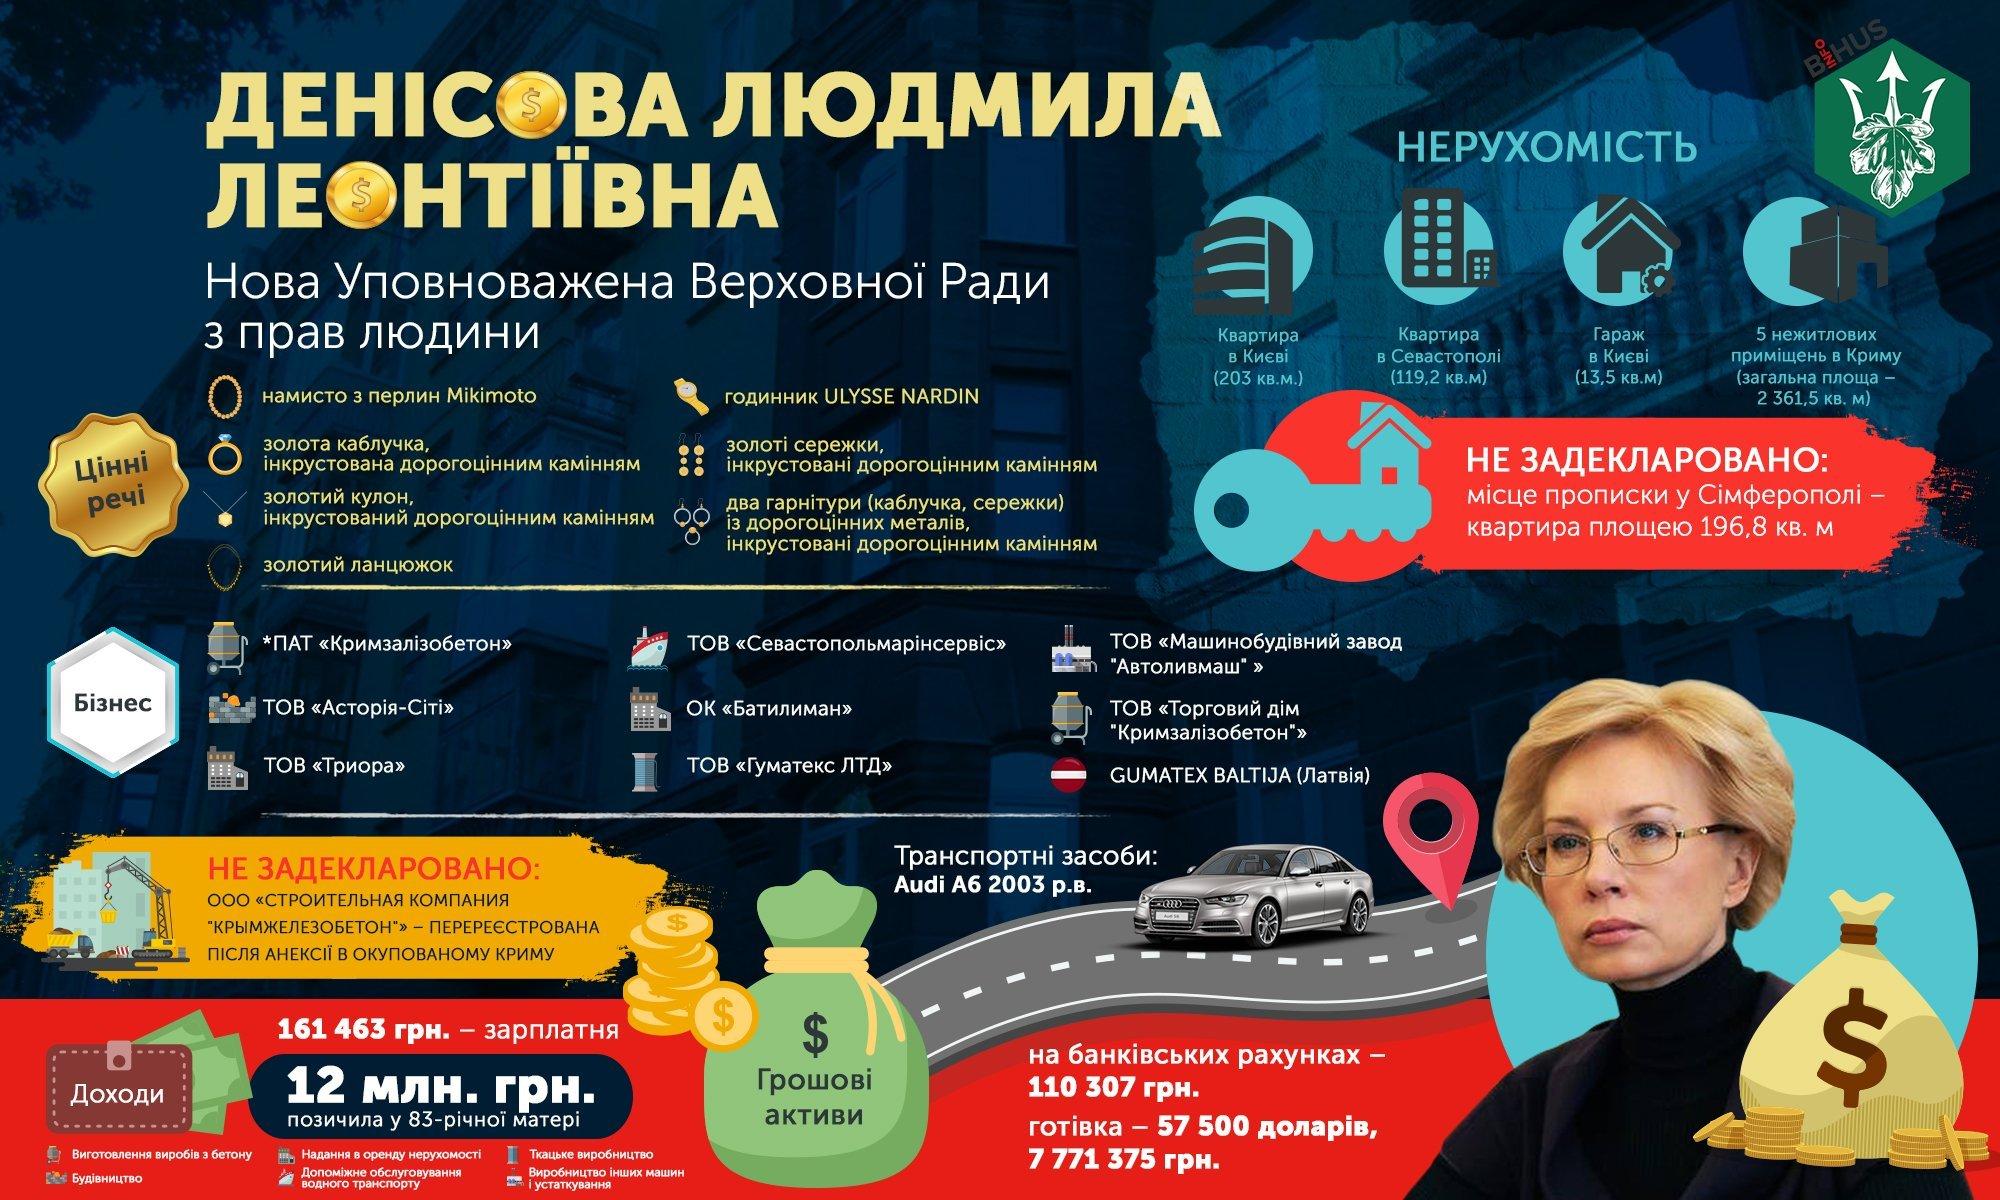 Денисова взяла под личный контроль соблюдение конституционных прав Савченко - Цензор.НЕТ 7305